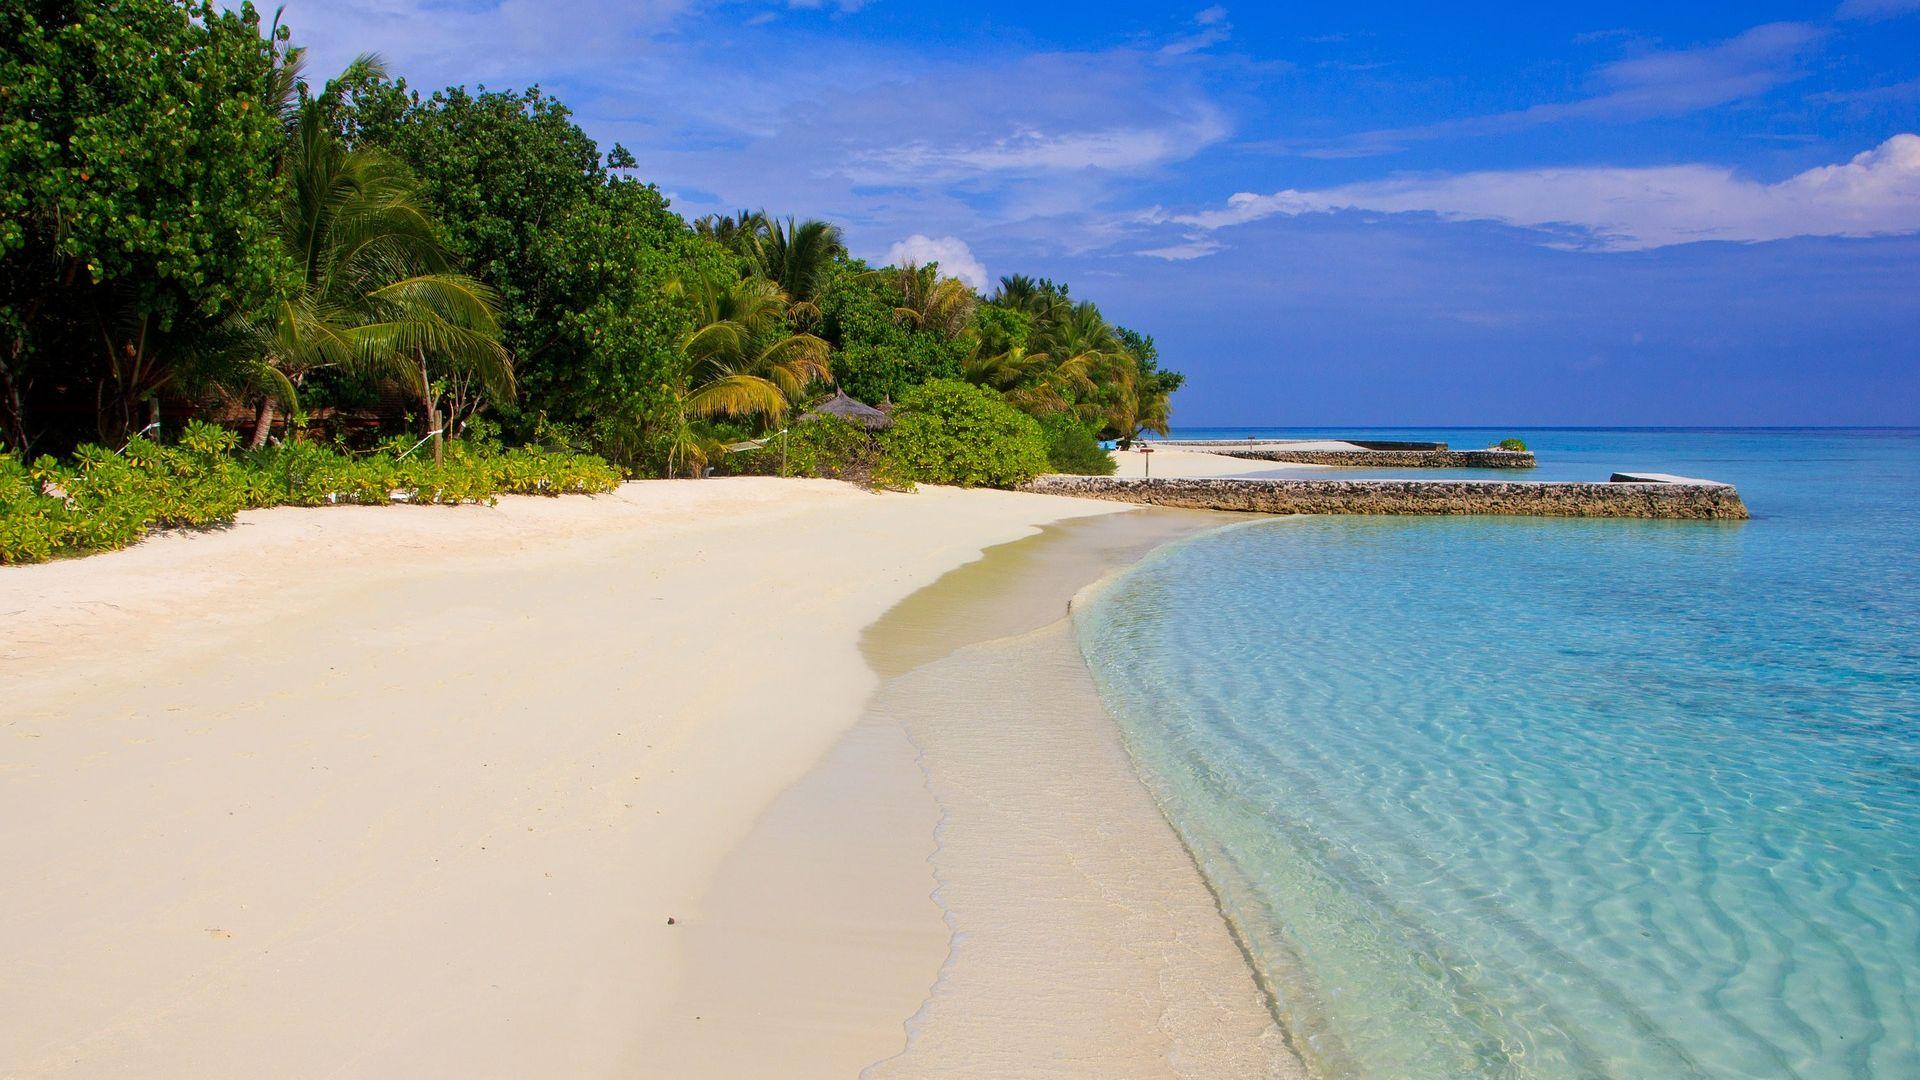 Sejur plaja Maldive, 10 zile - noiembrie 2021